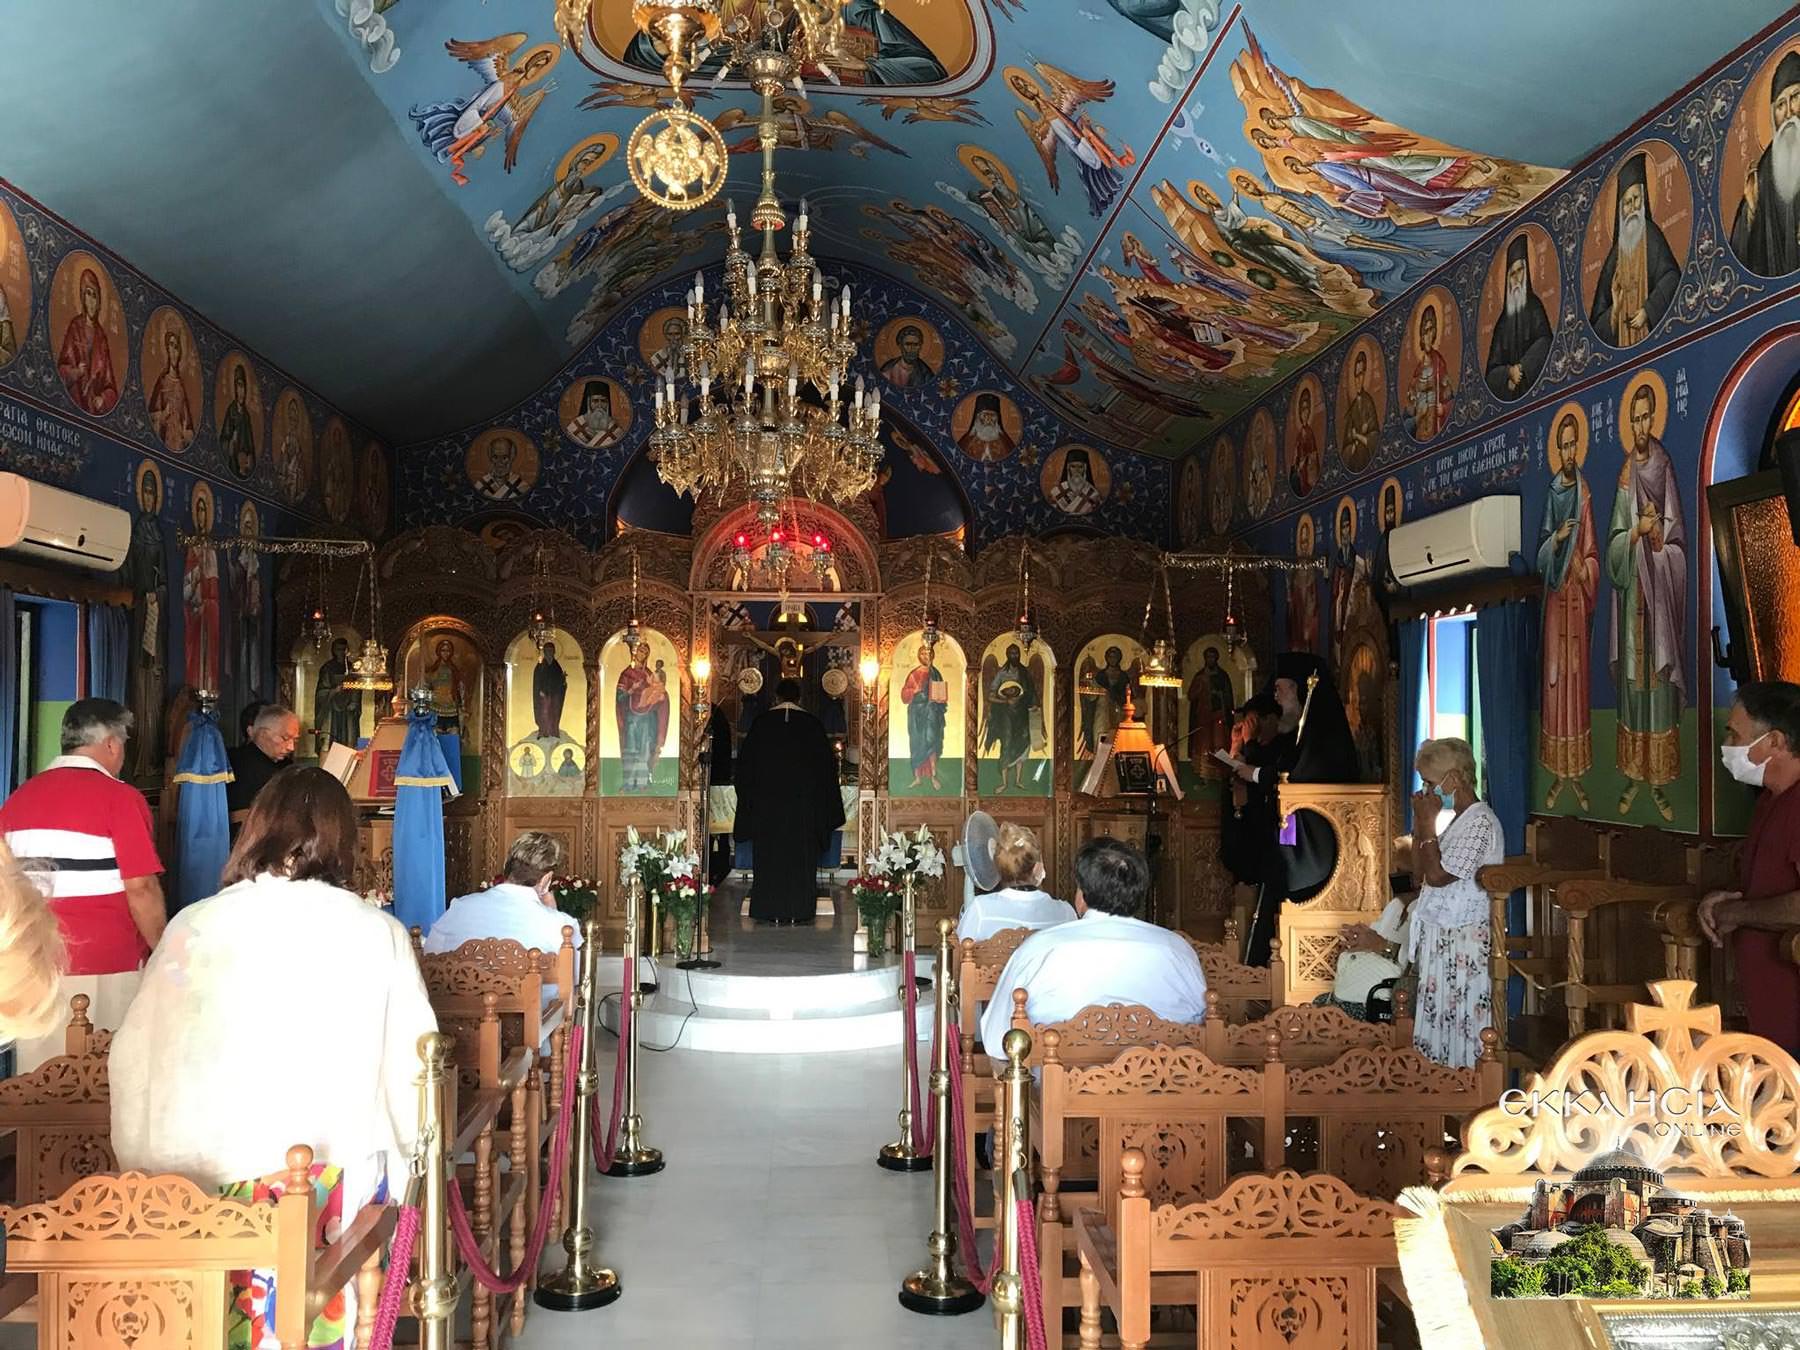 Αγίου Ραφαήλ Νικολάου Ειρήνης Μοναστήρι Άνω Σούλι Εσπερινός